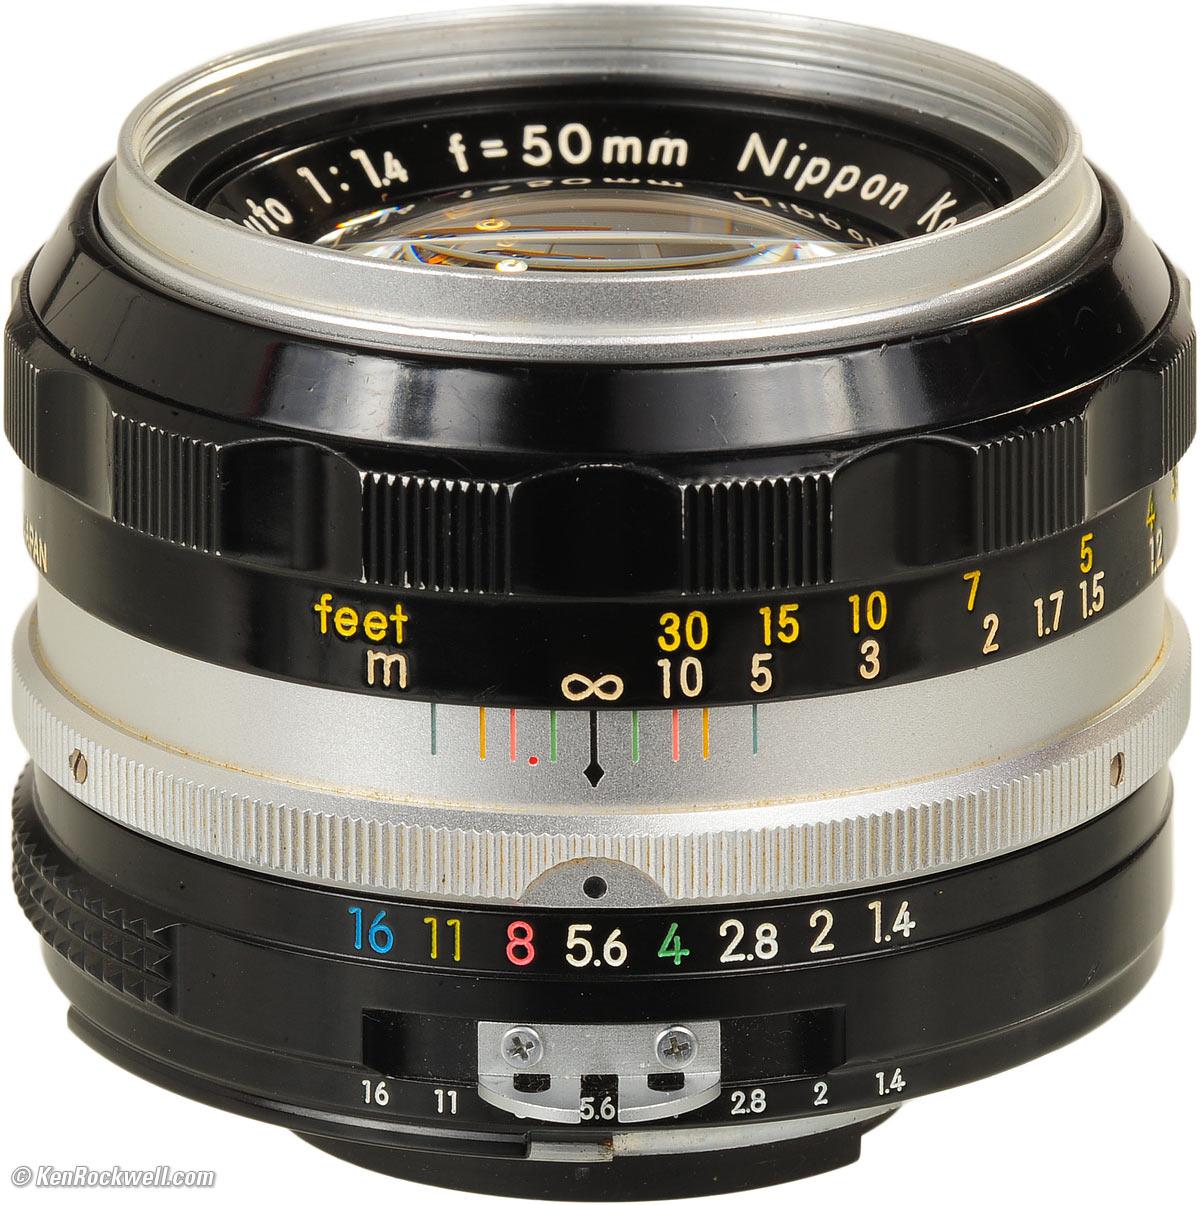 af-d vs af-s manual focus video